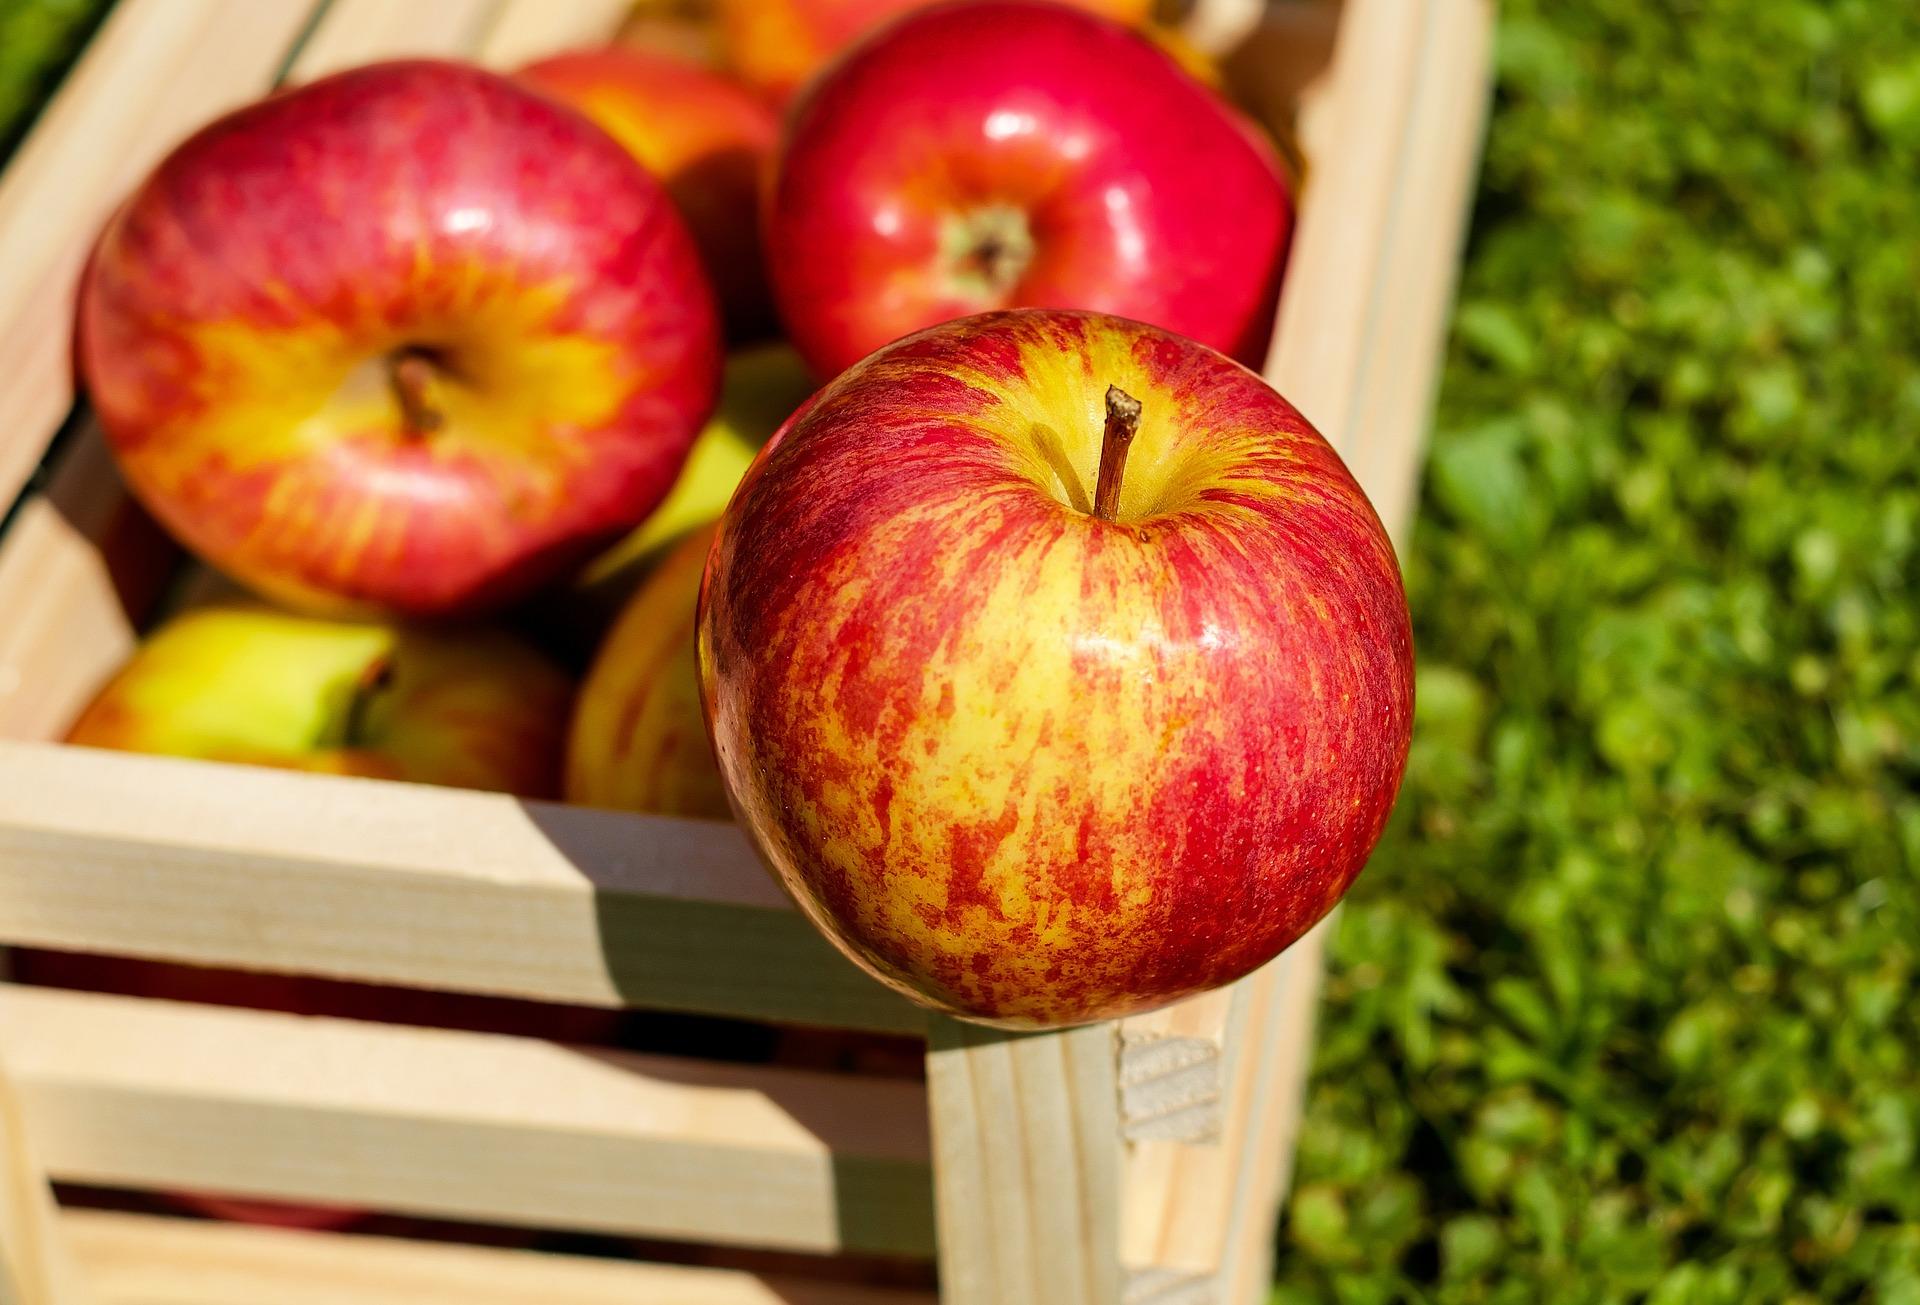 Las manzanas fueron enviadas entre el 16 y 21 de octubre.